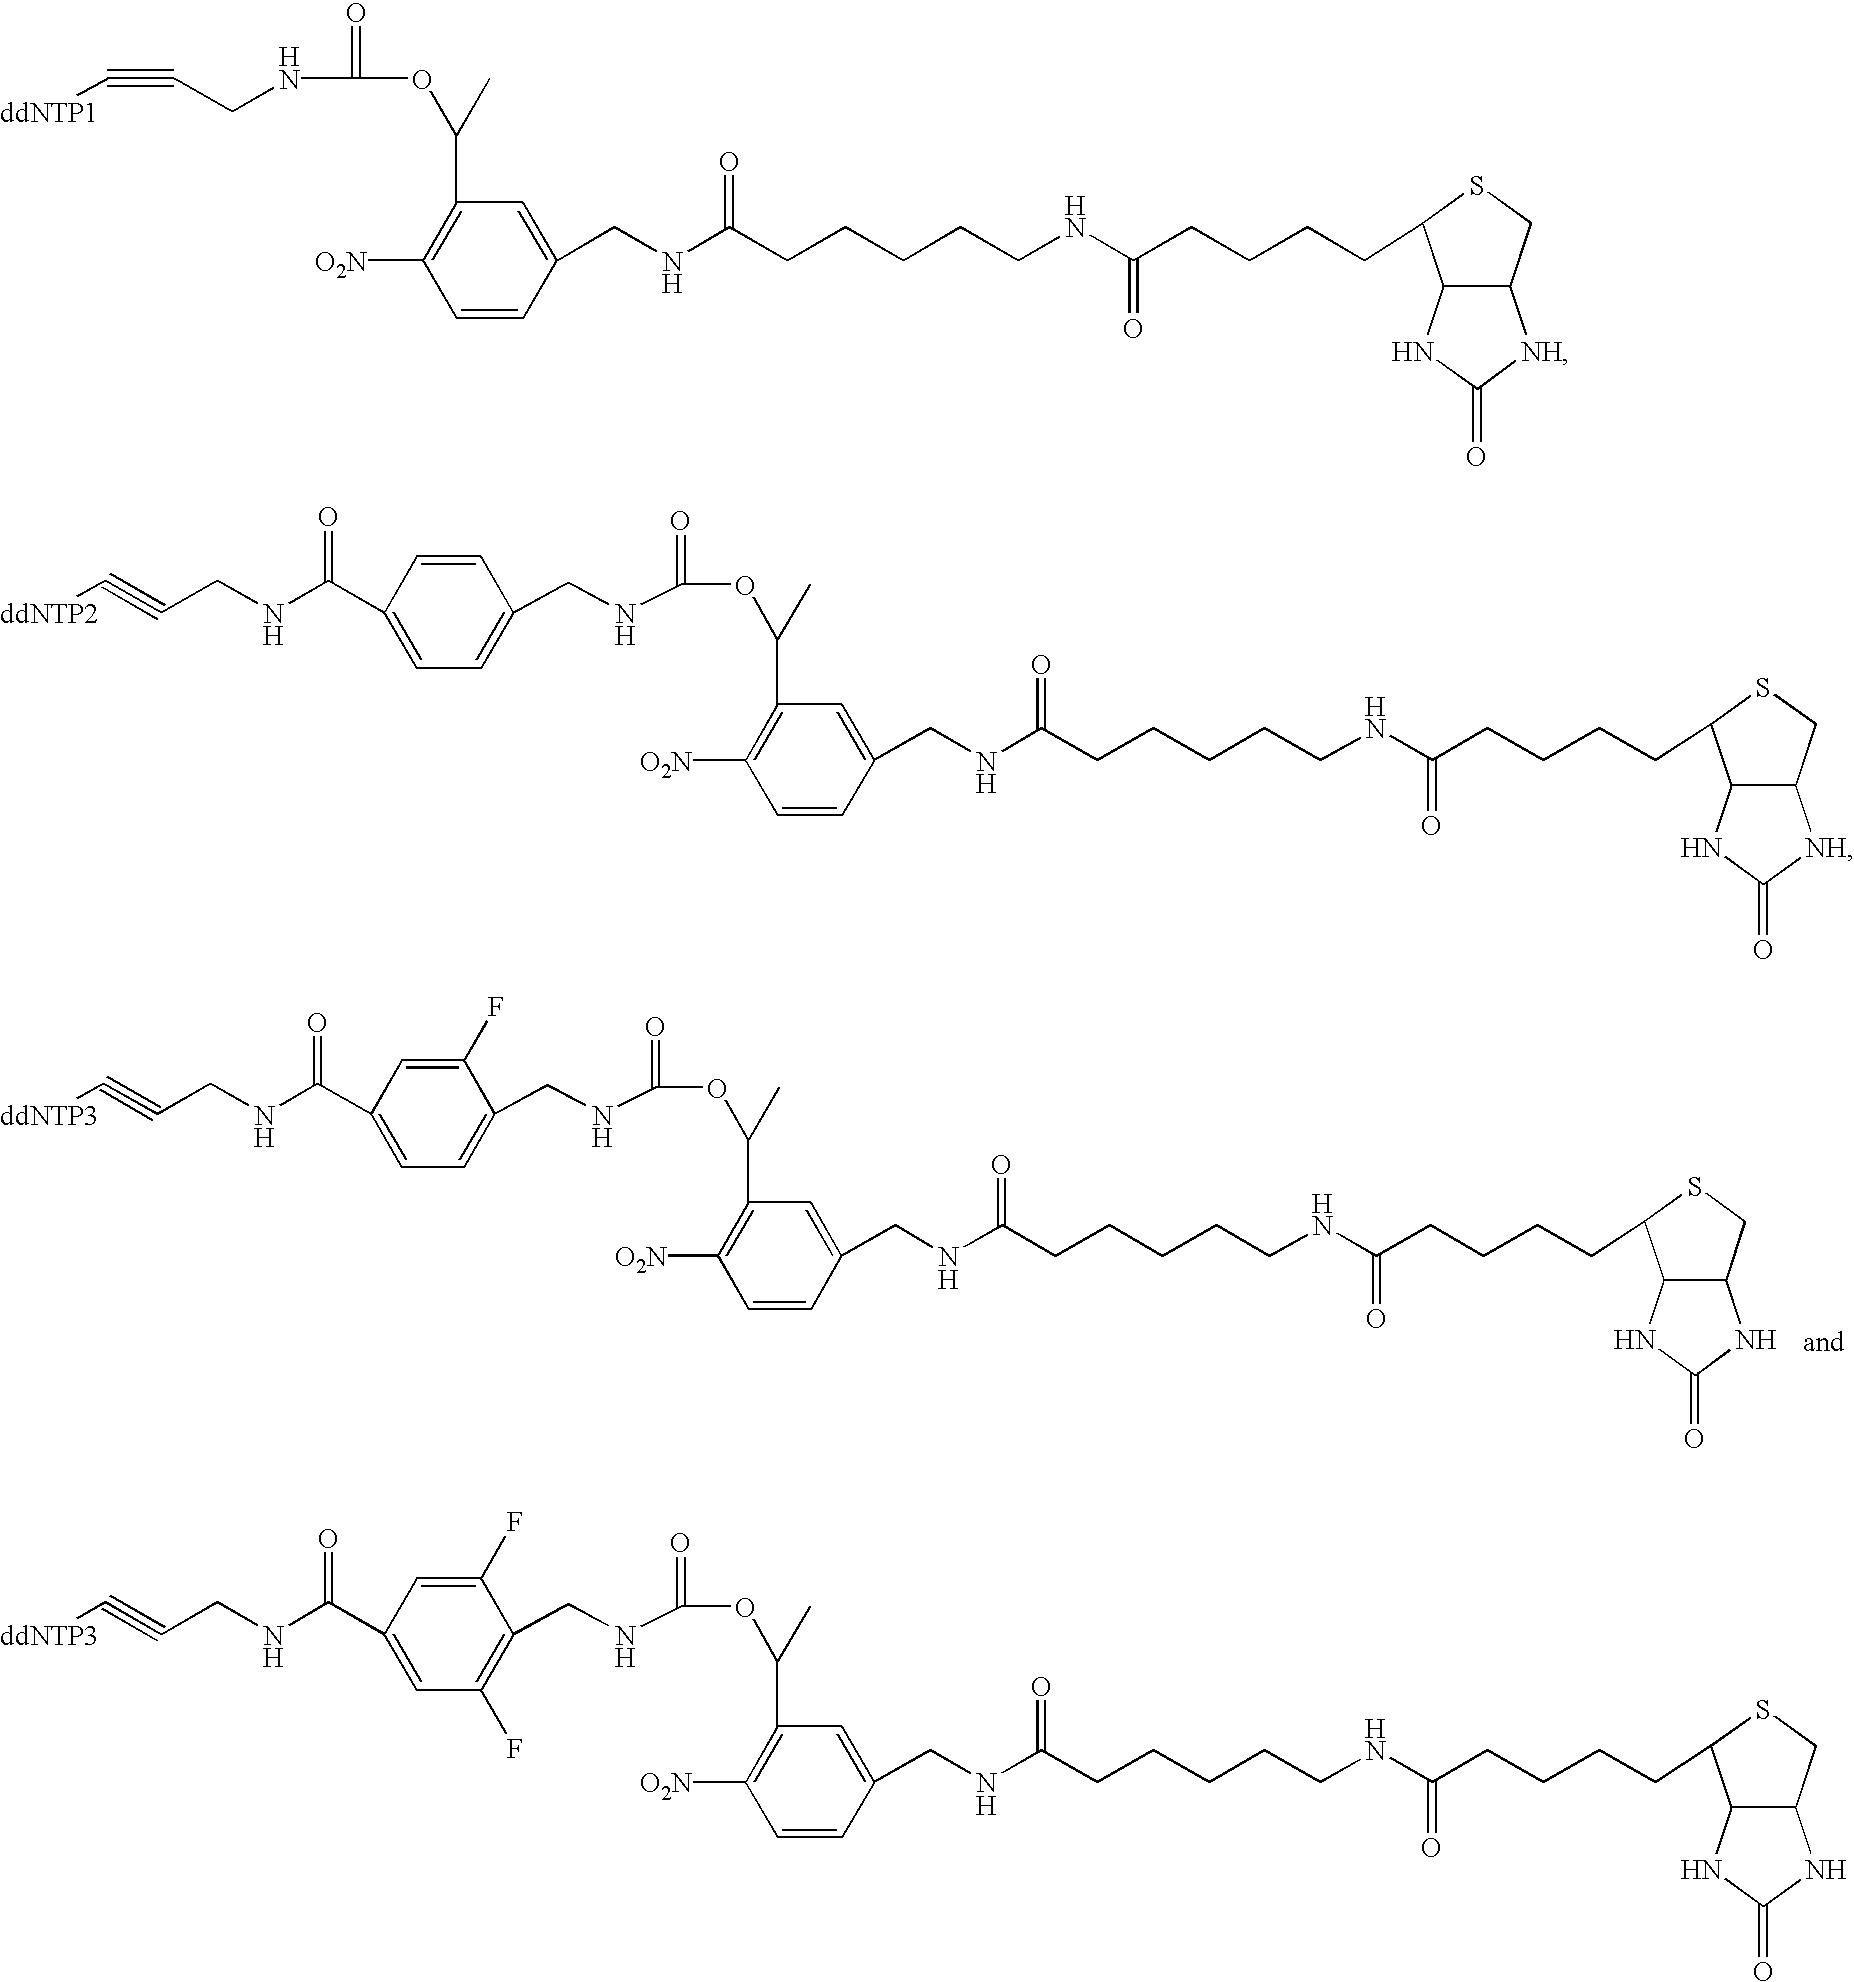 Figure US20030027140A1-20030206-C00015